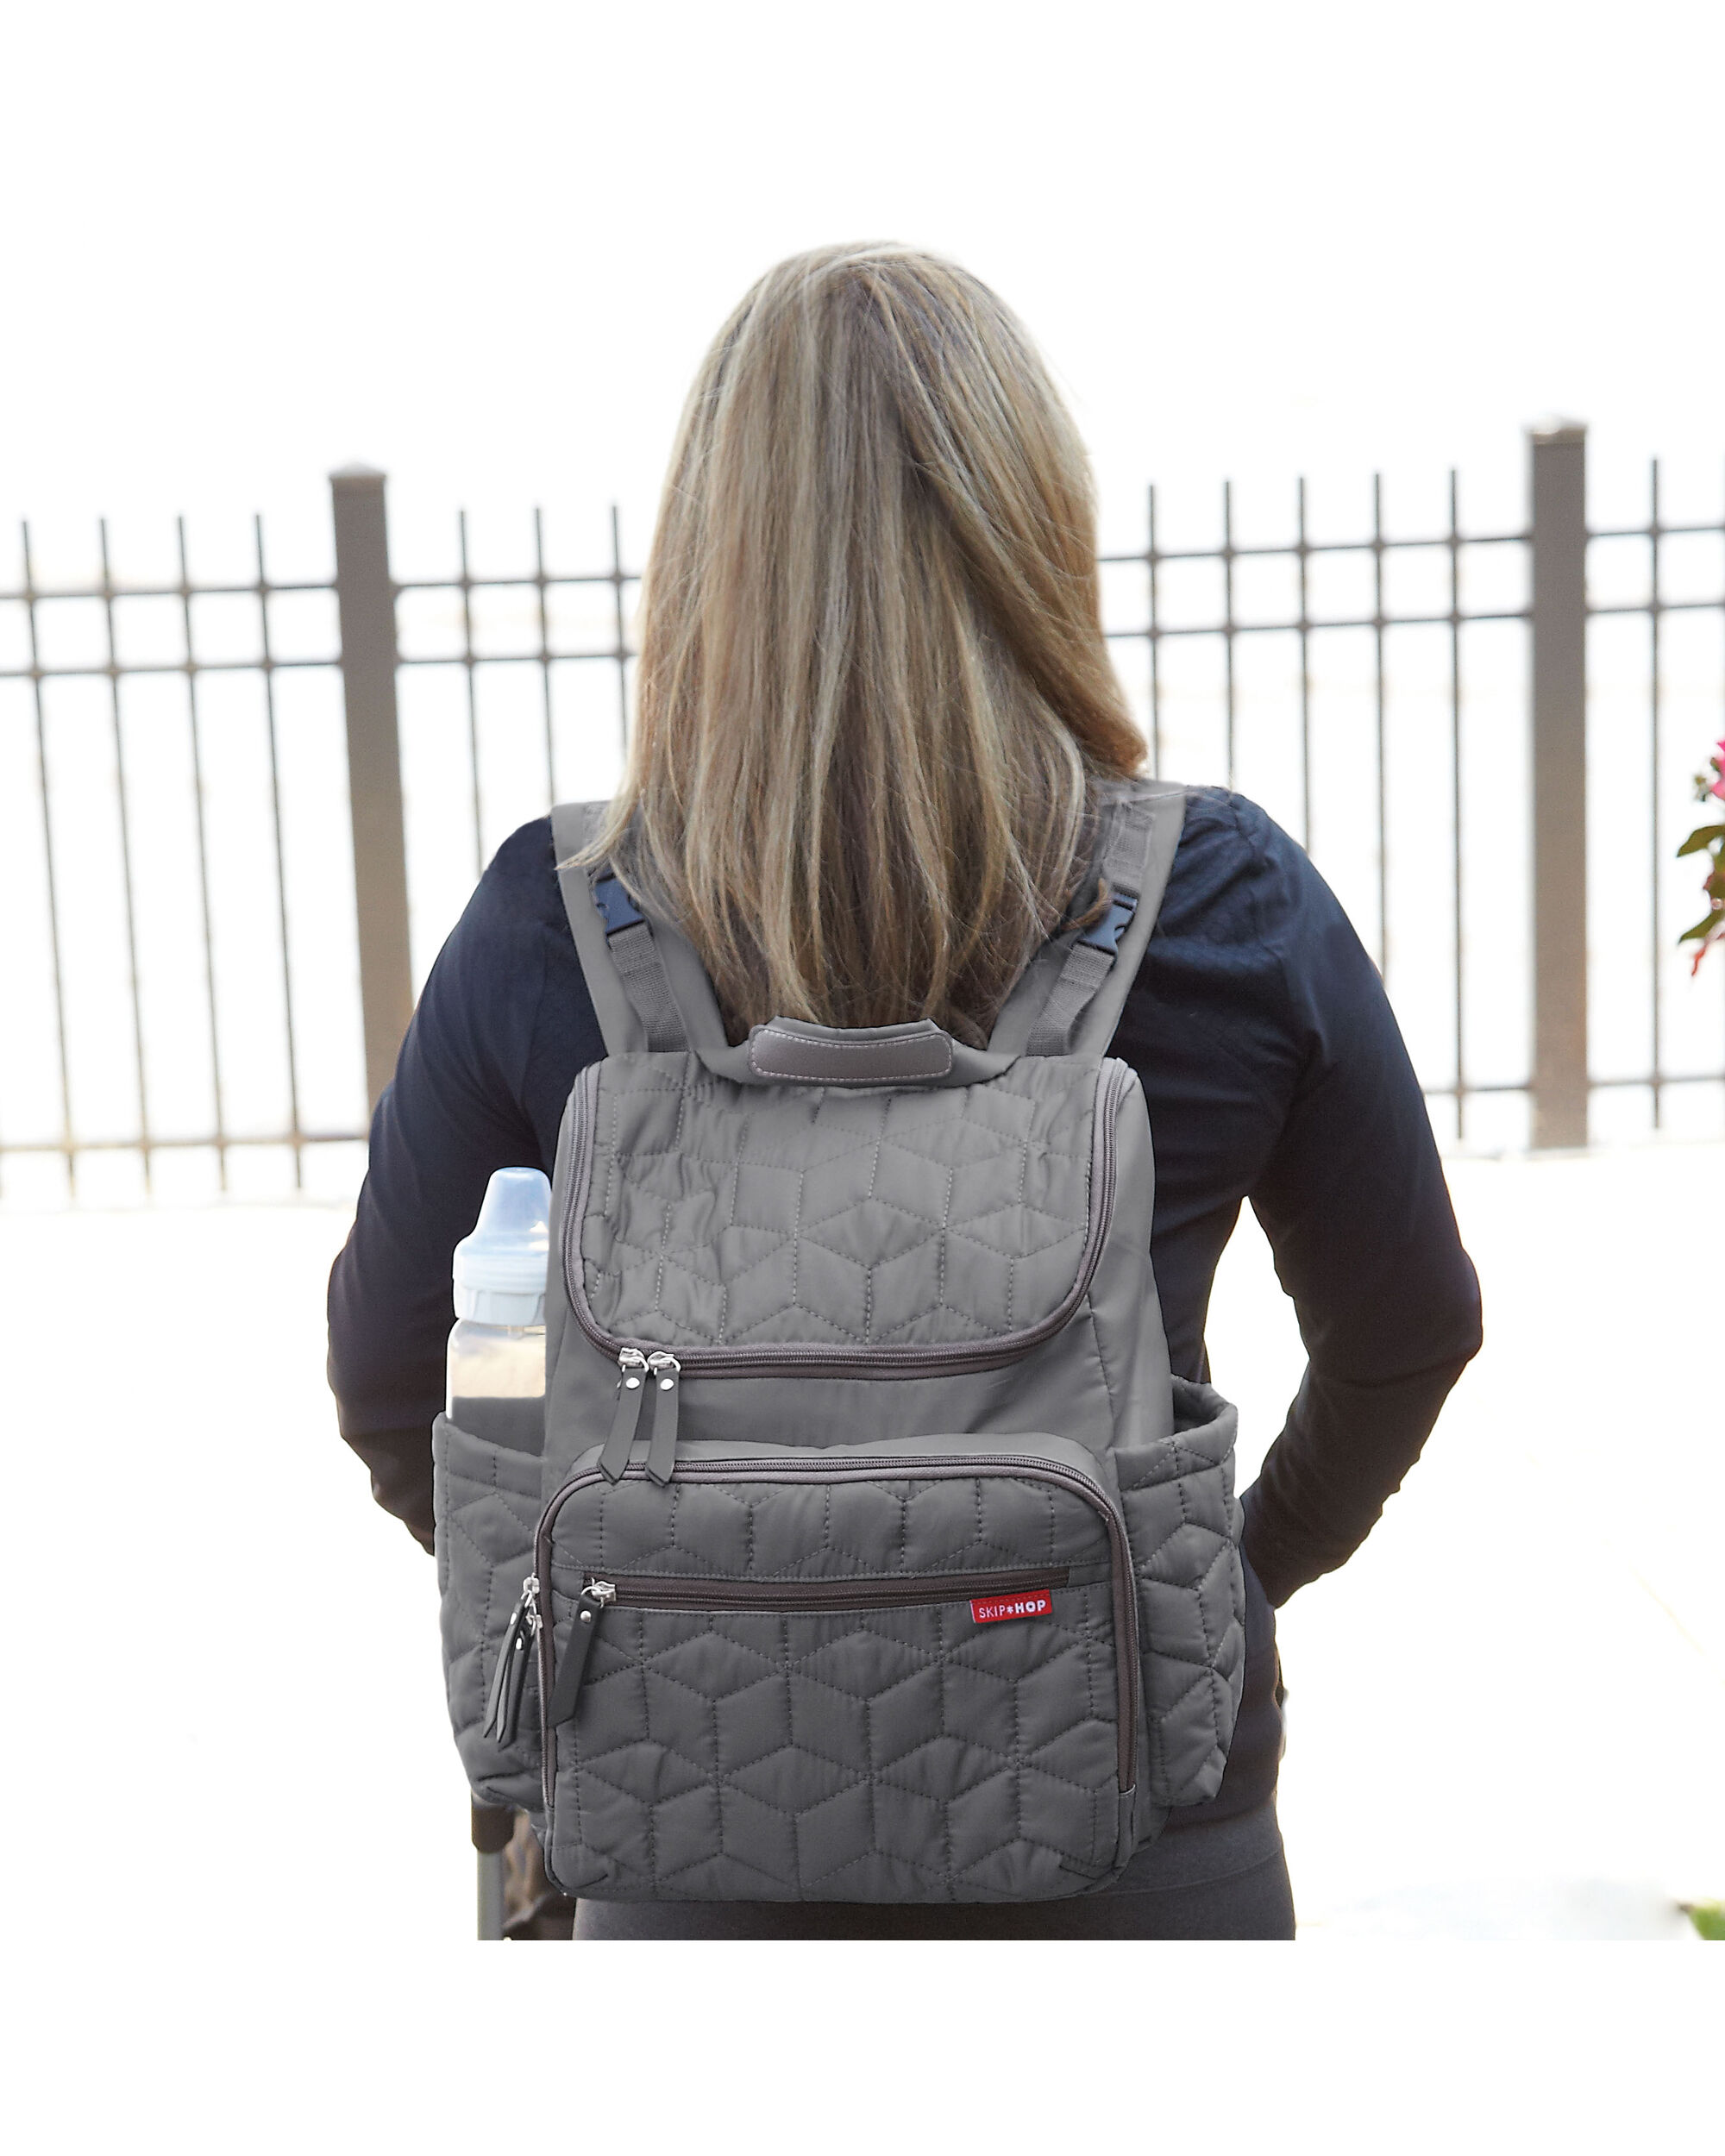 0db67c85cc5 Forma Backpack Diaper Bag | Skiphop.com